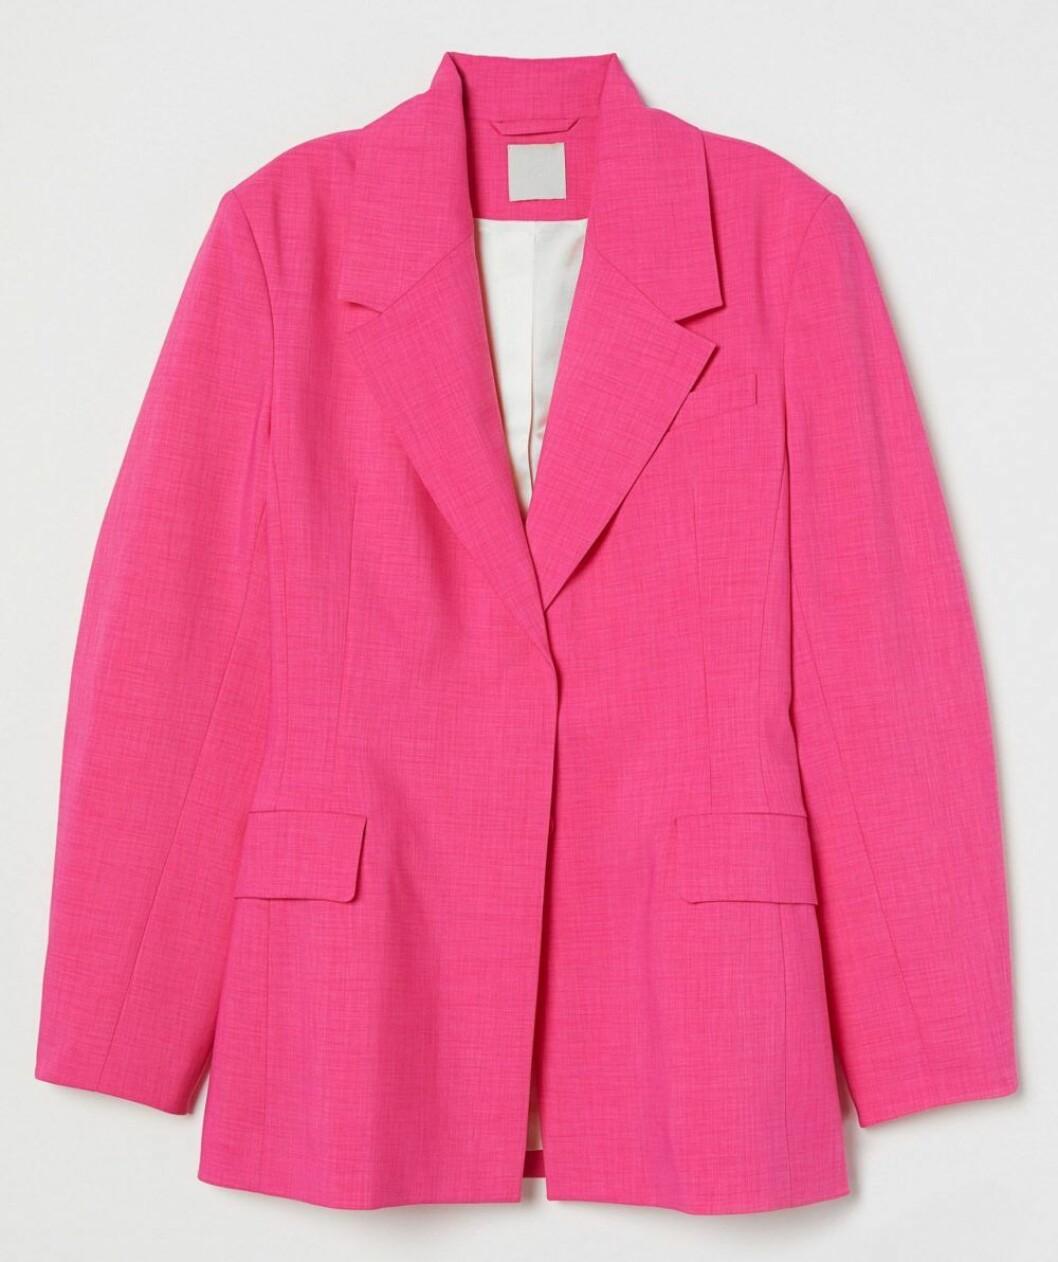 Oversized kavaj från H&M i färgstark rosa